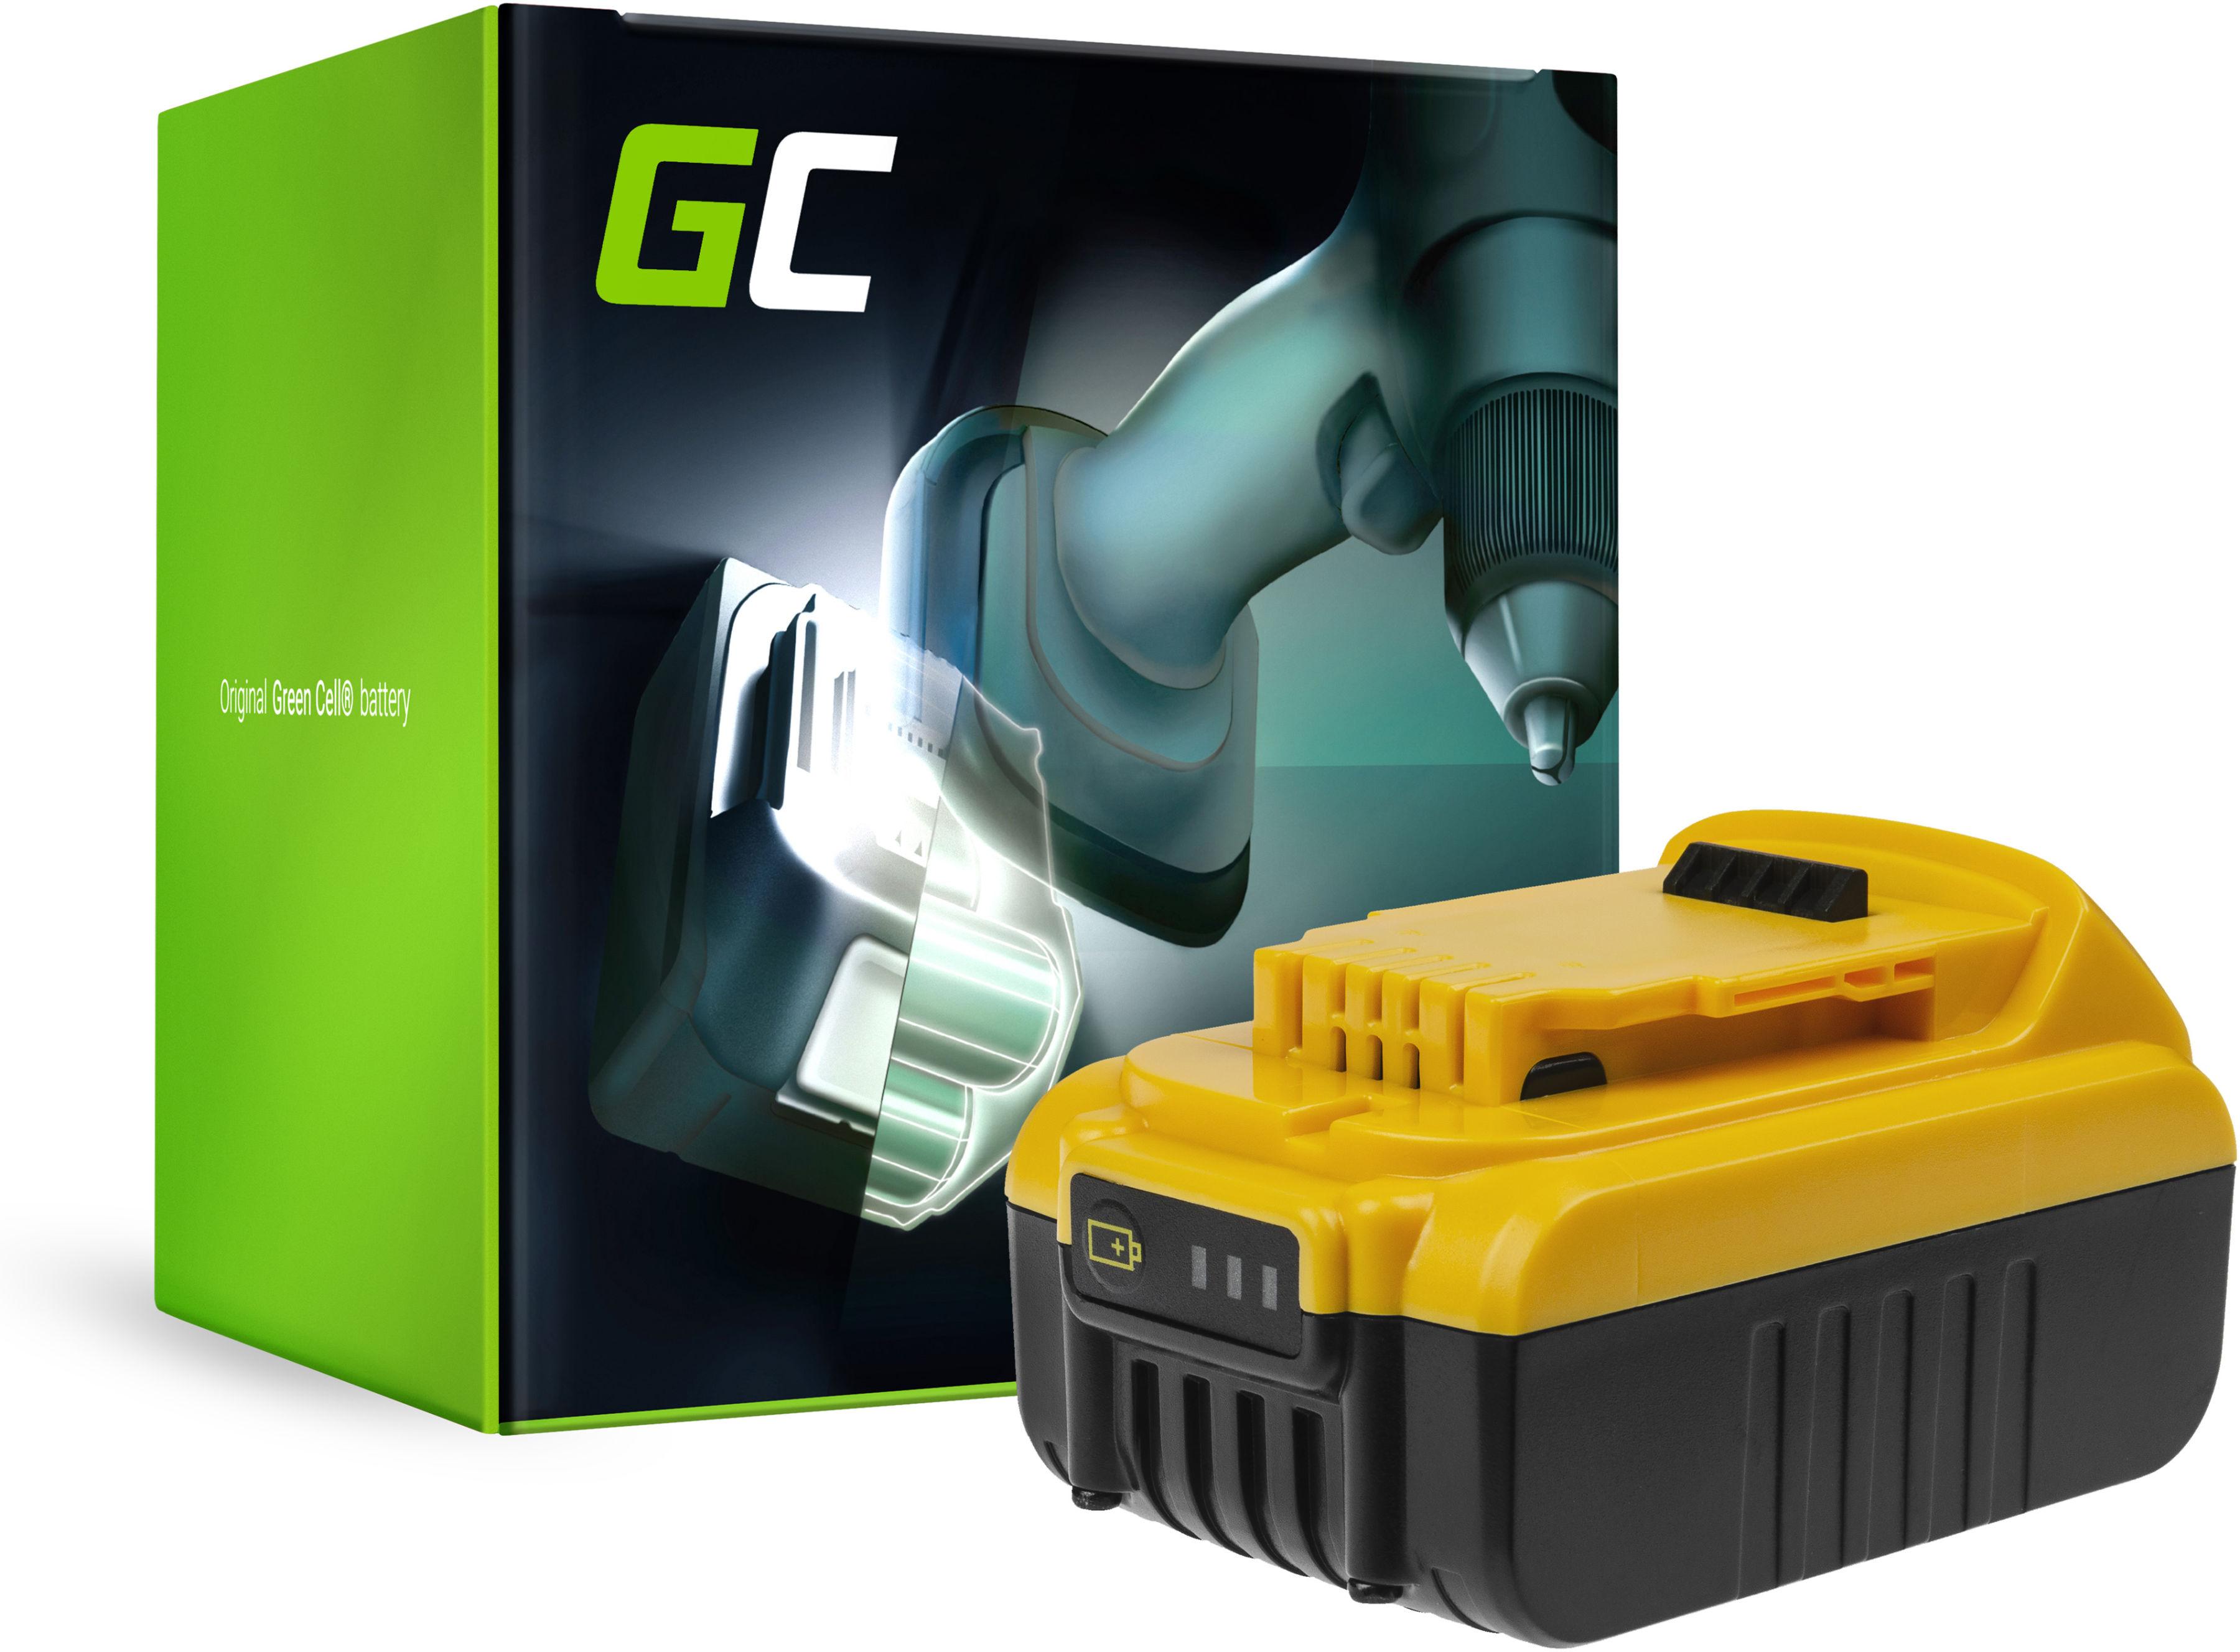 Bateria Green Cell (3Ah 14.4V) DCB140 DCB141 DCB142 DCB143 DCB145 XR do DeWalt DCD734C2 DCD730 DCD730C2 DCD732D2 DCD735 DCD733C2